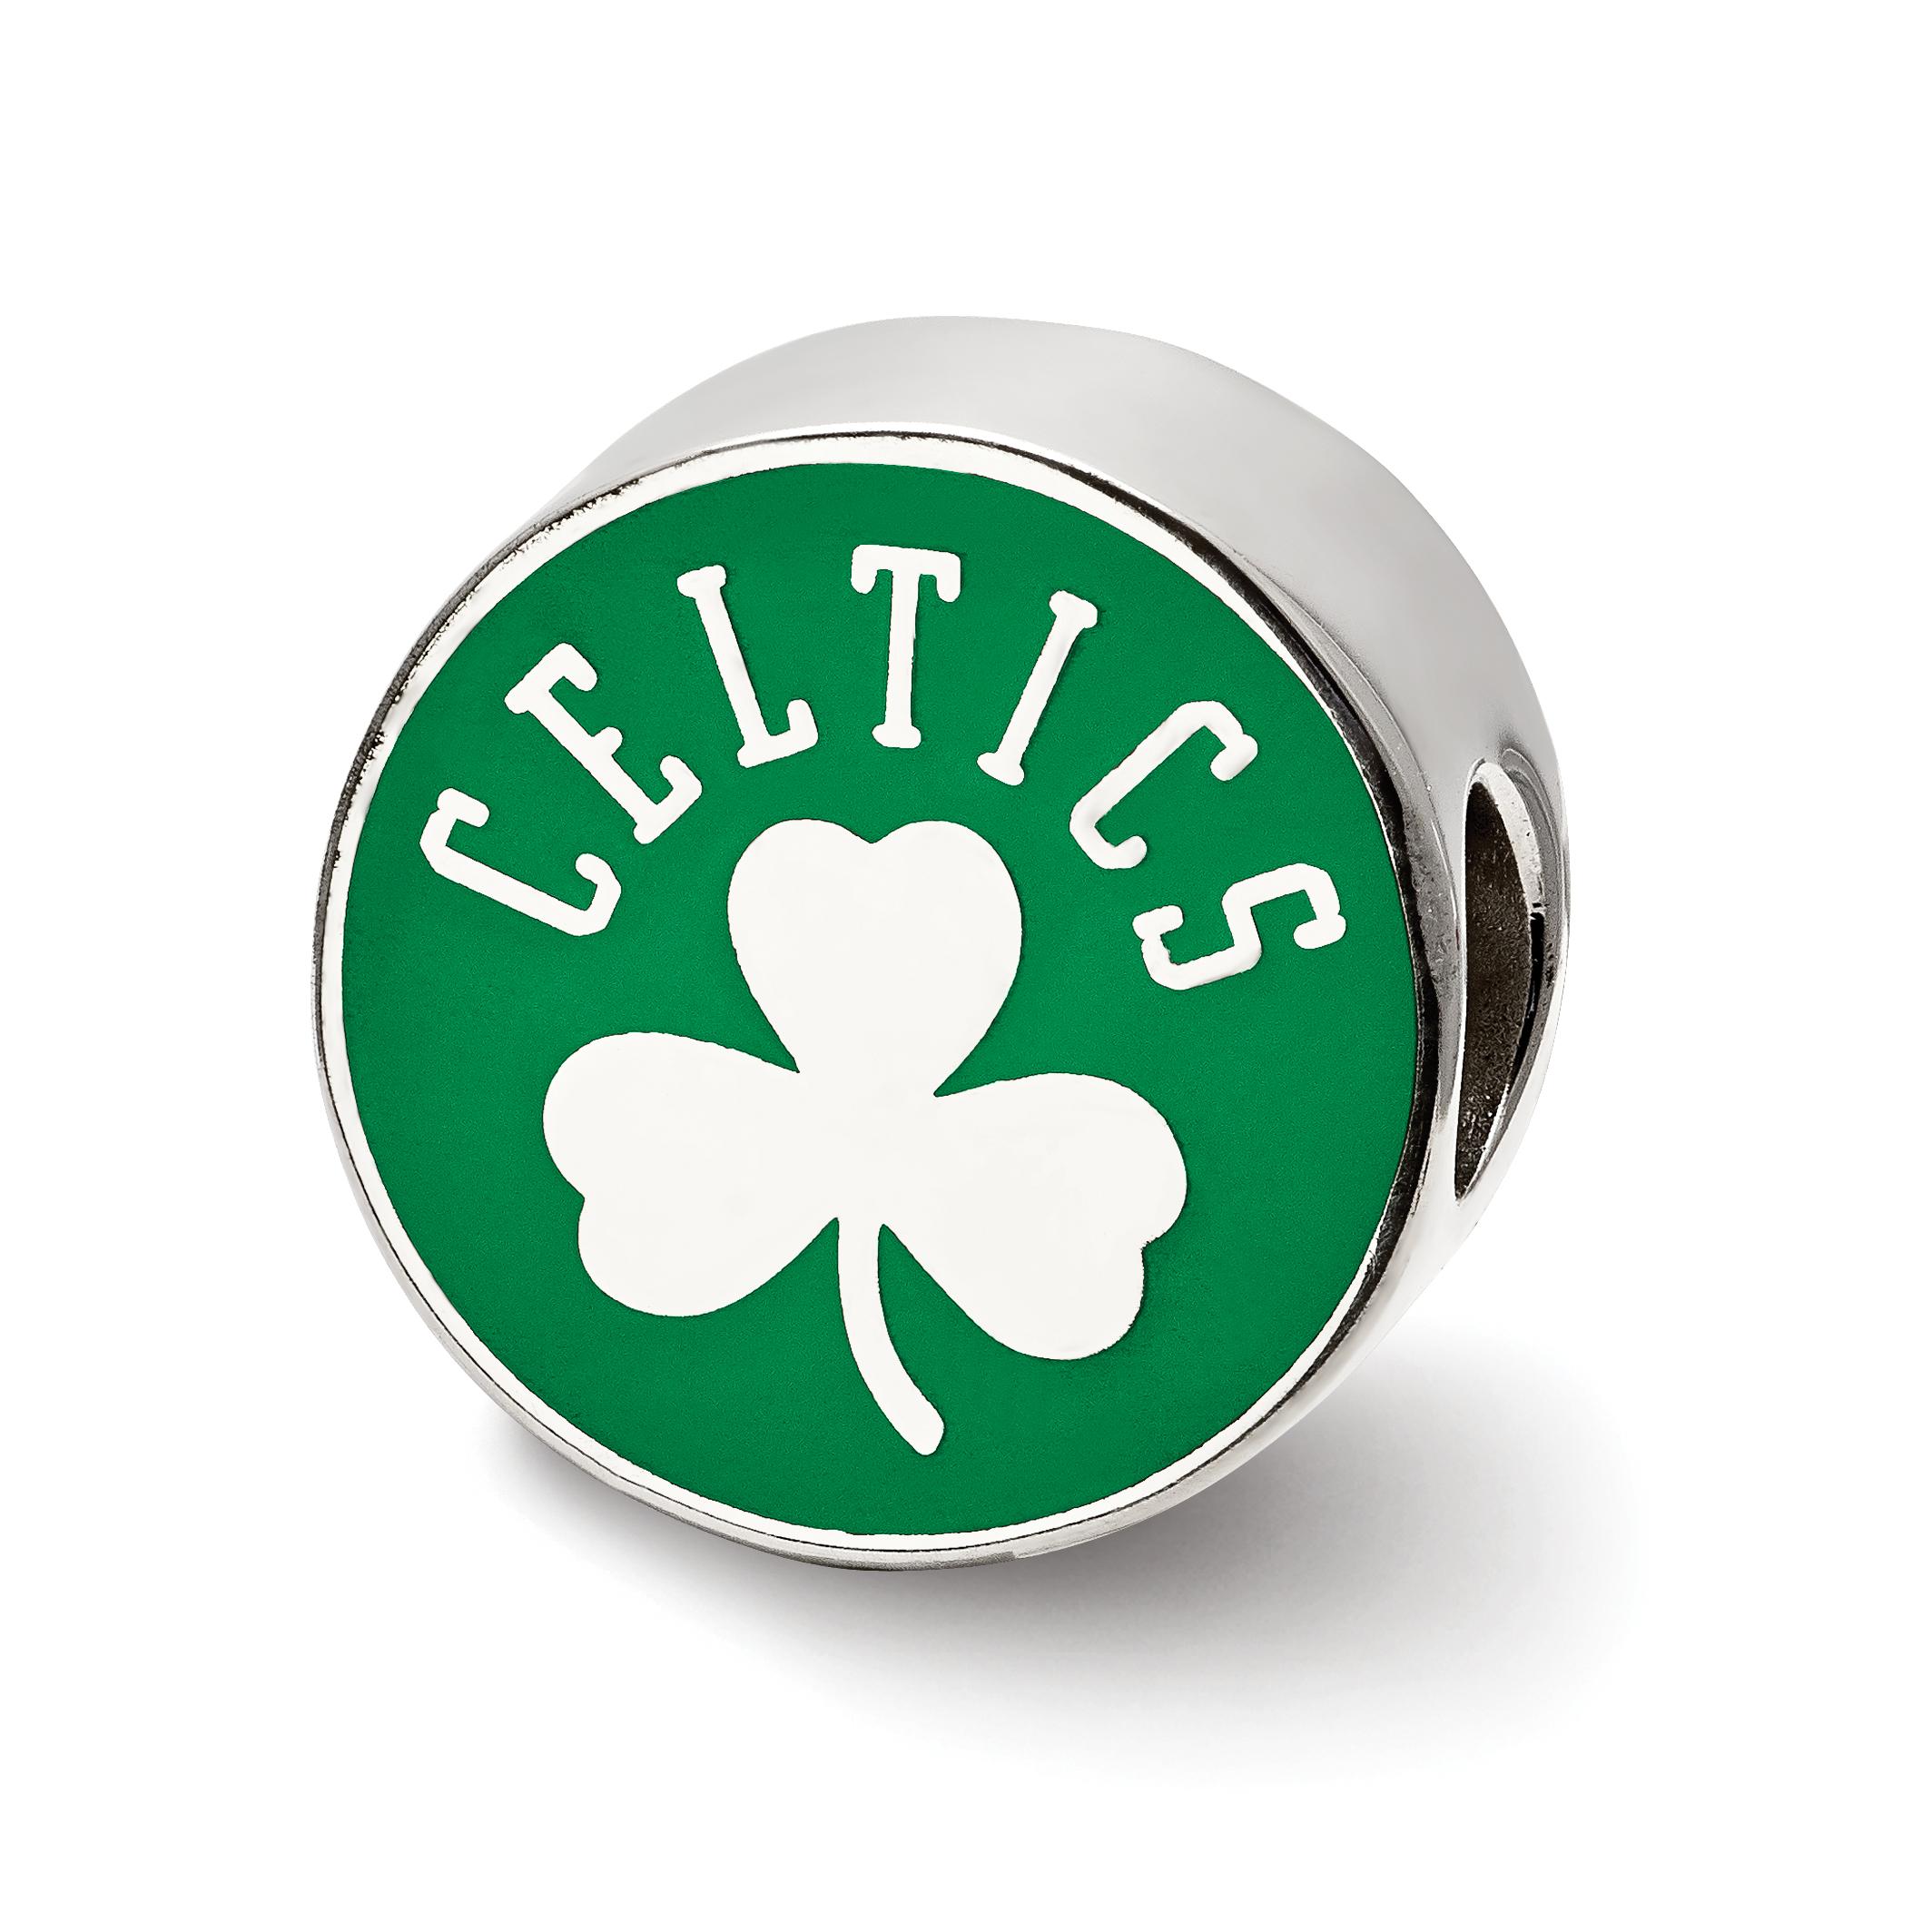 Sterling Silver NBA Basketball LogoArt Official Licensed Boston Celtics Enameled Logo Bead